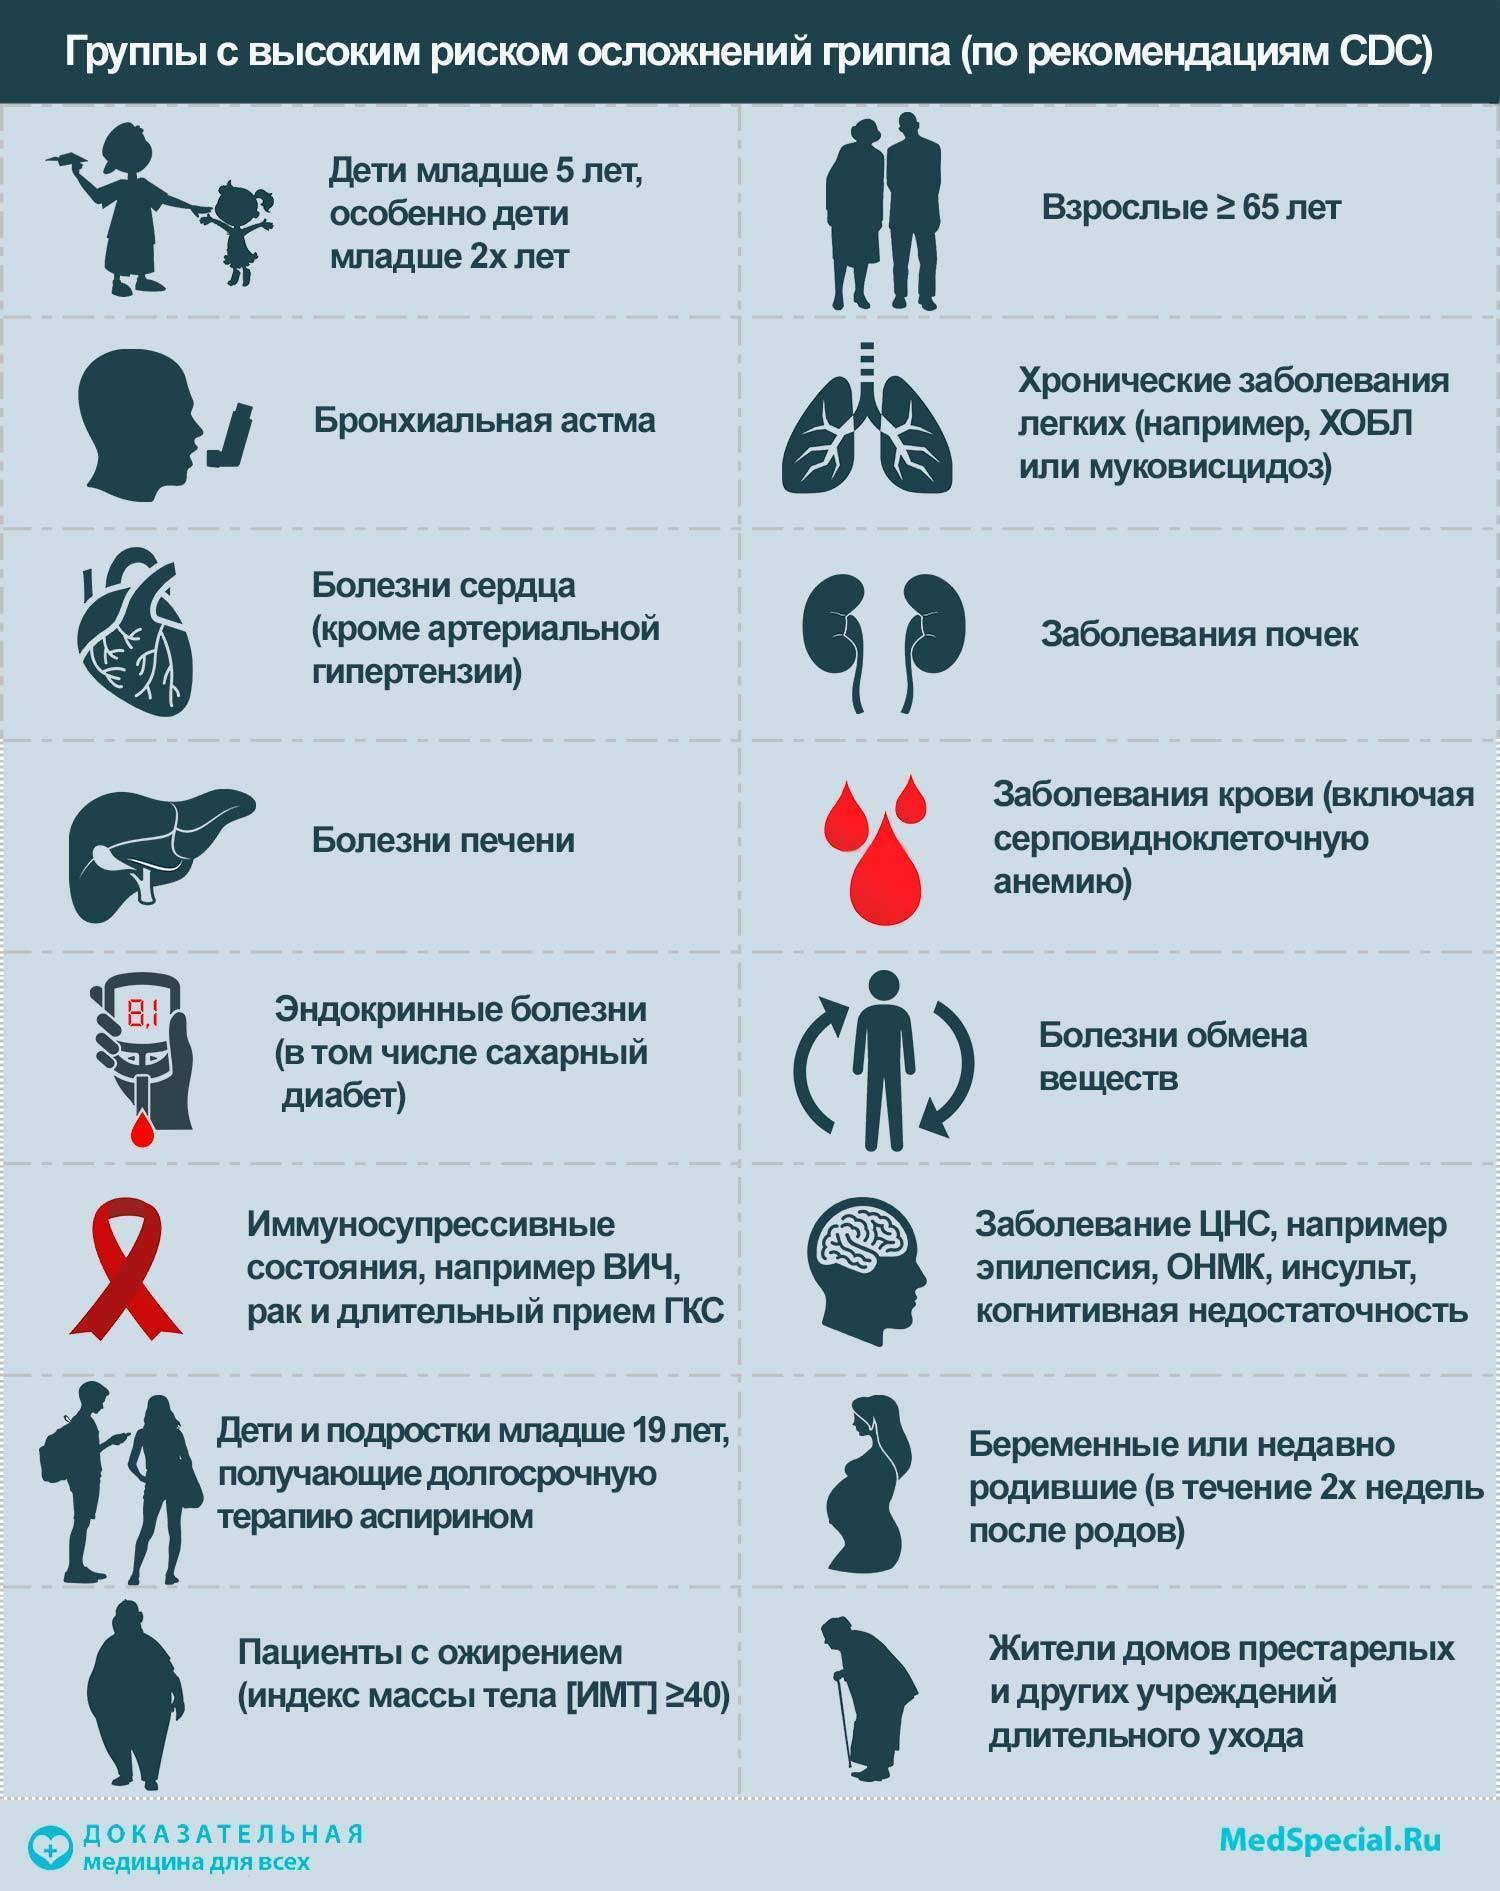 Прививка от кори и алкоголь совместимость - прививки